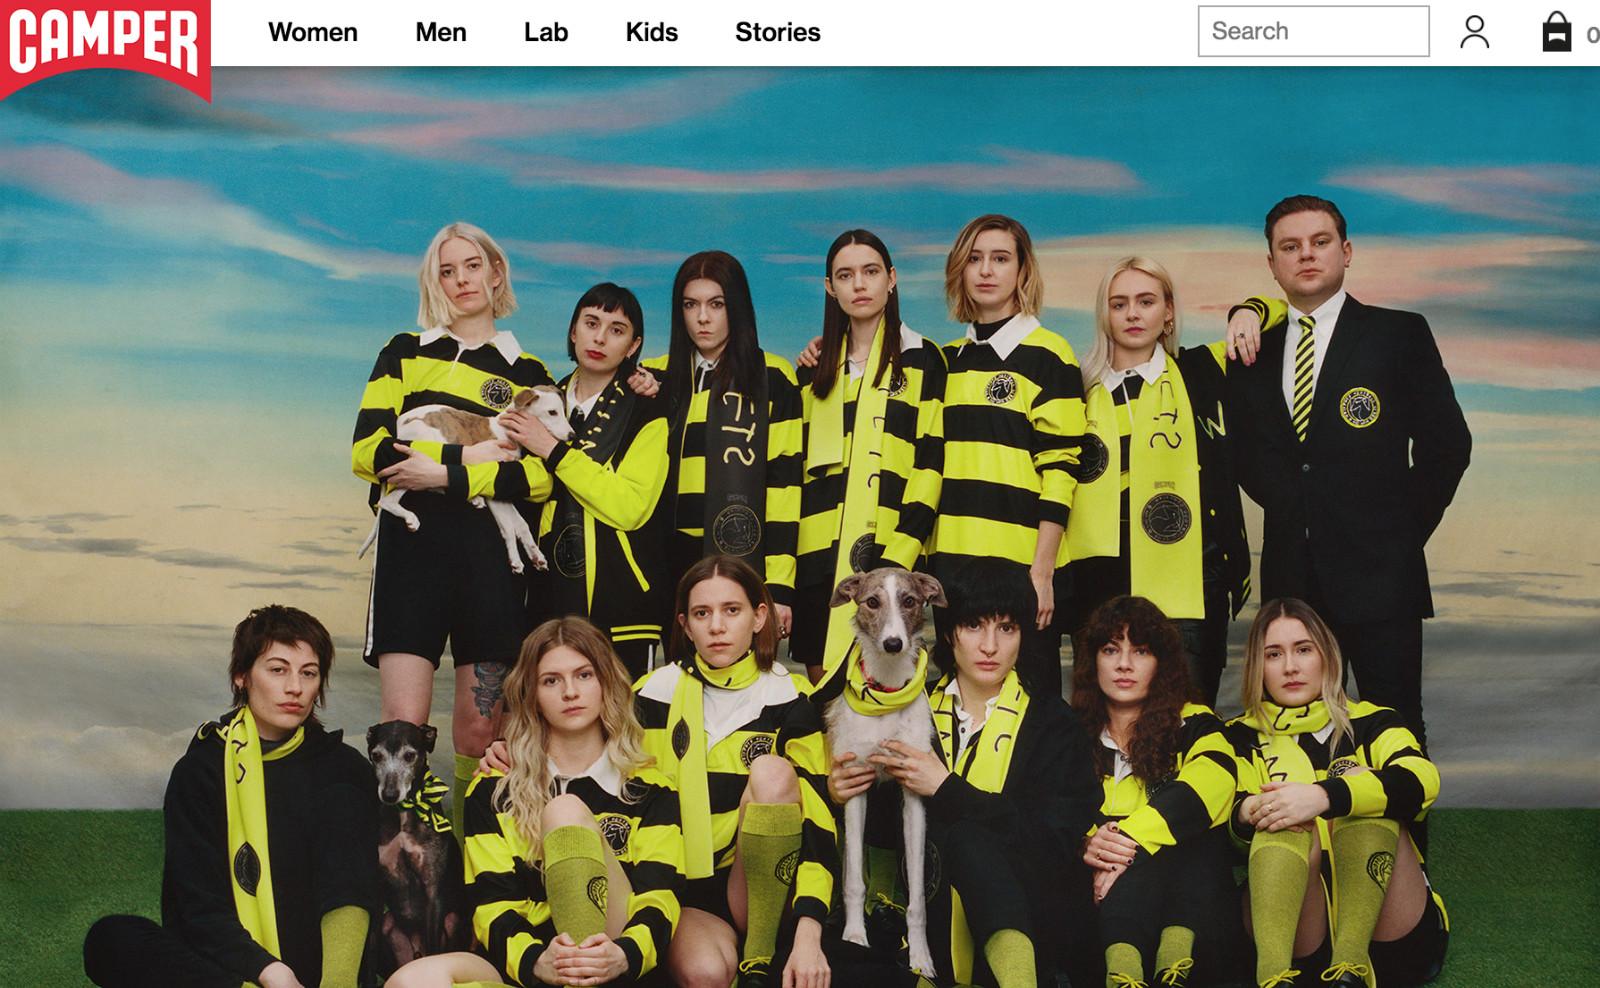 西班牙鞋履品牌 Camper 2019年销售恢复增长